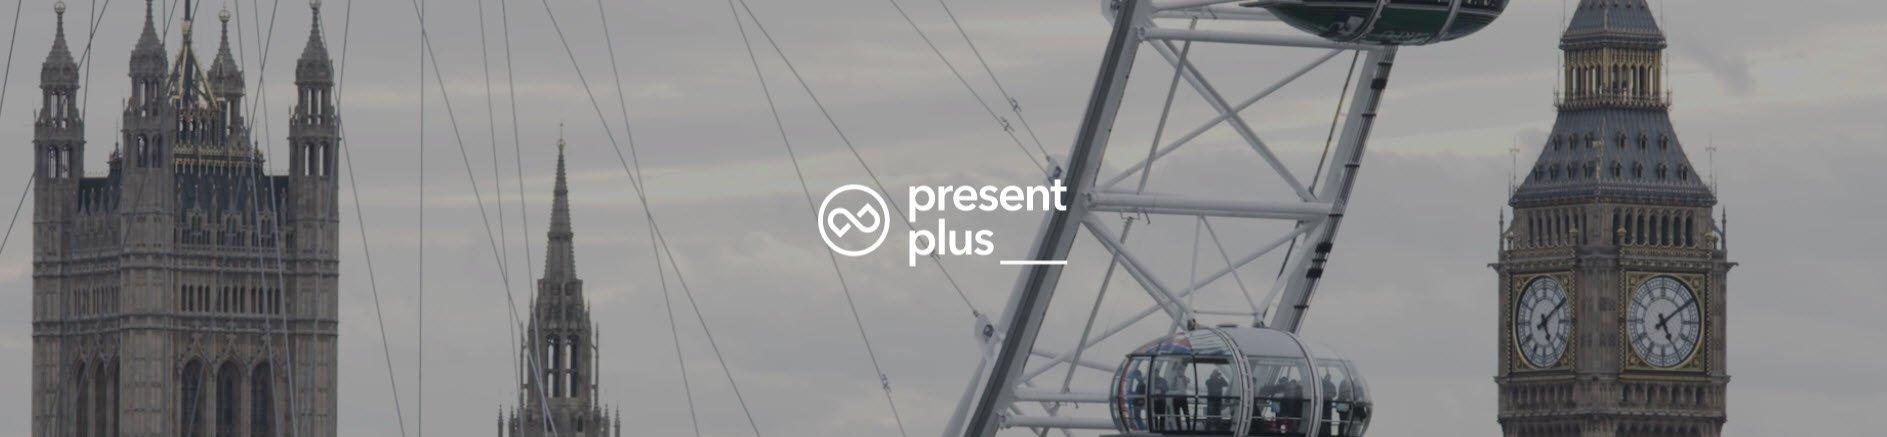 present-plus